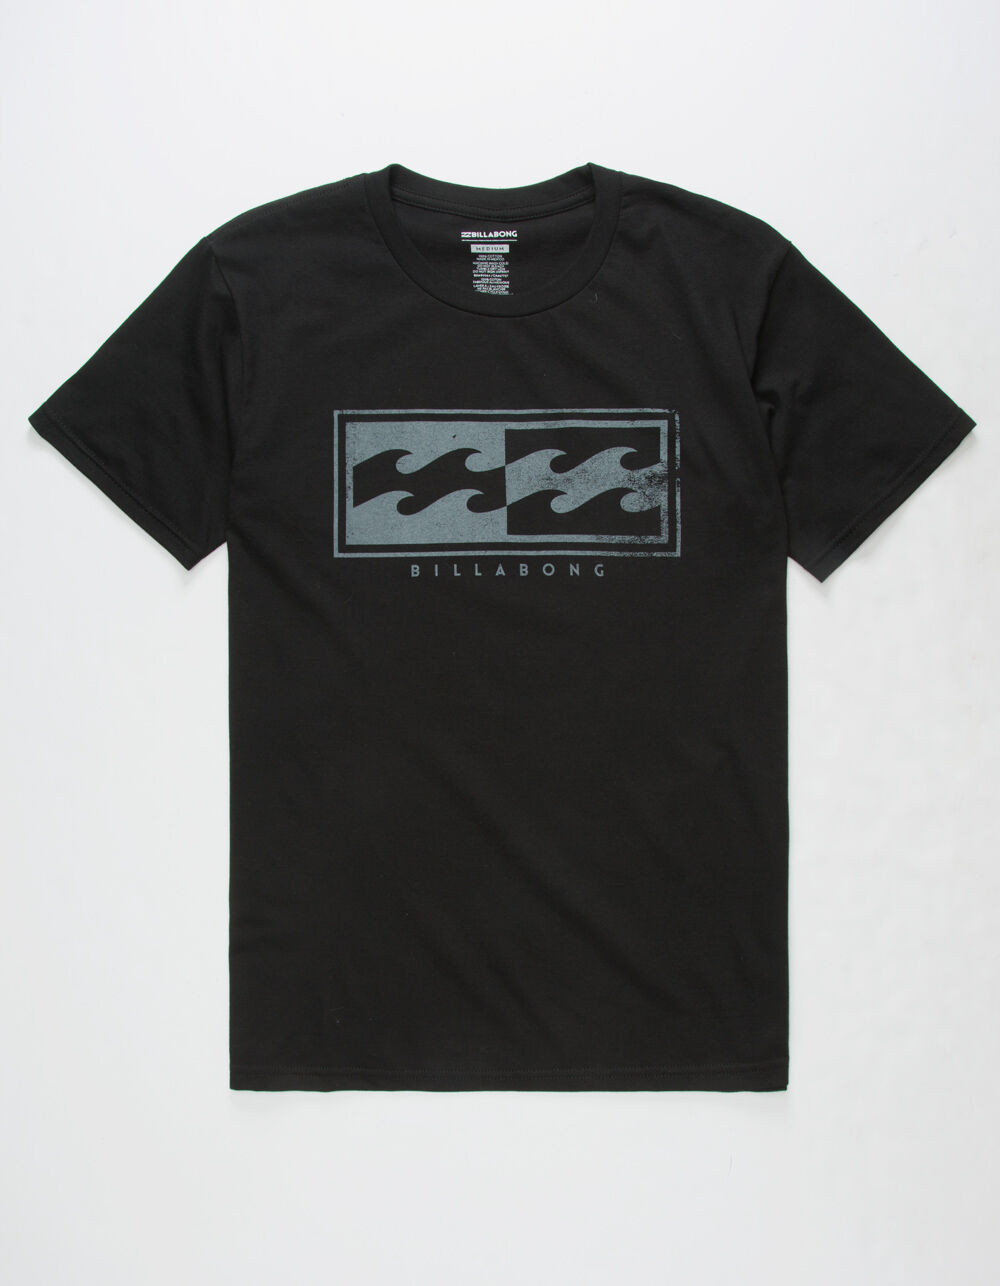 BILLABONG Inverse T-Shirt